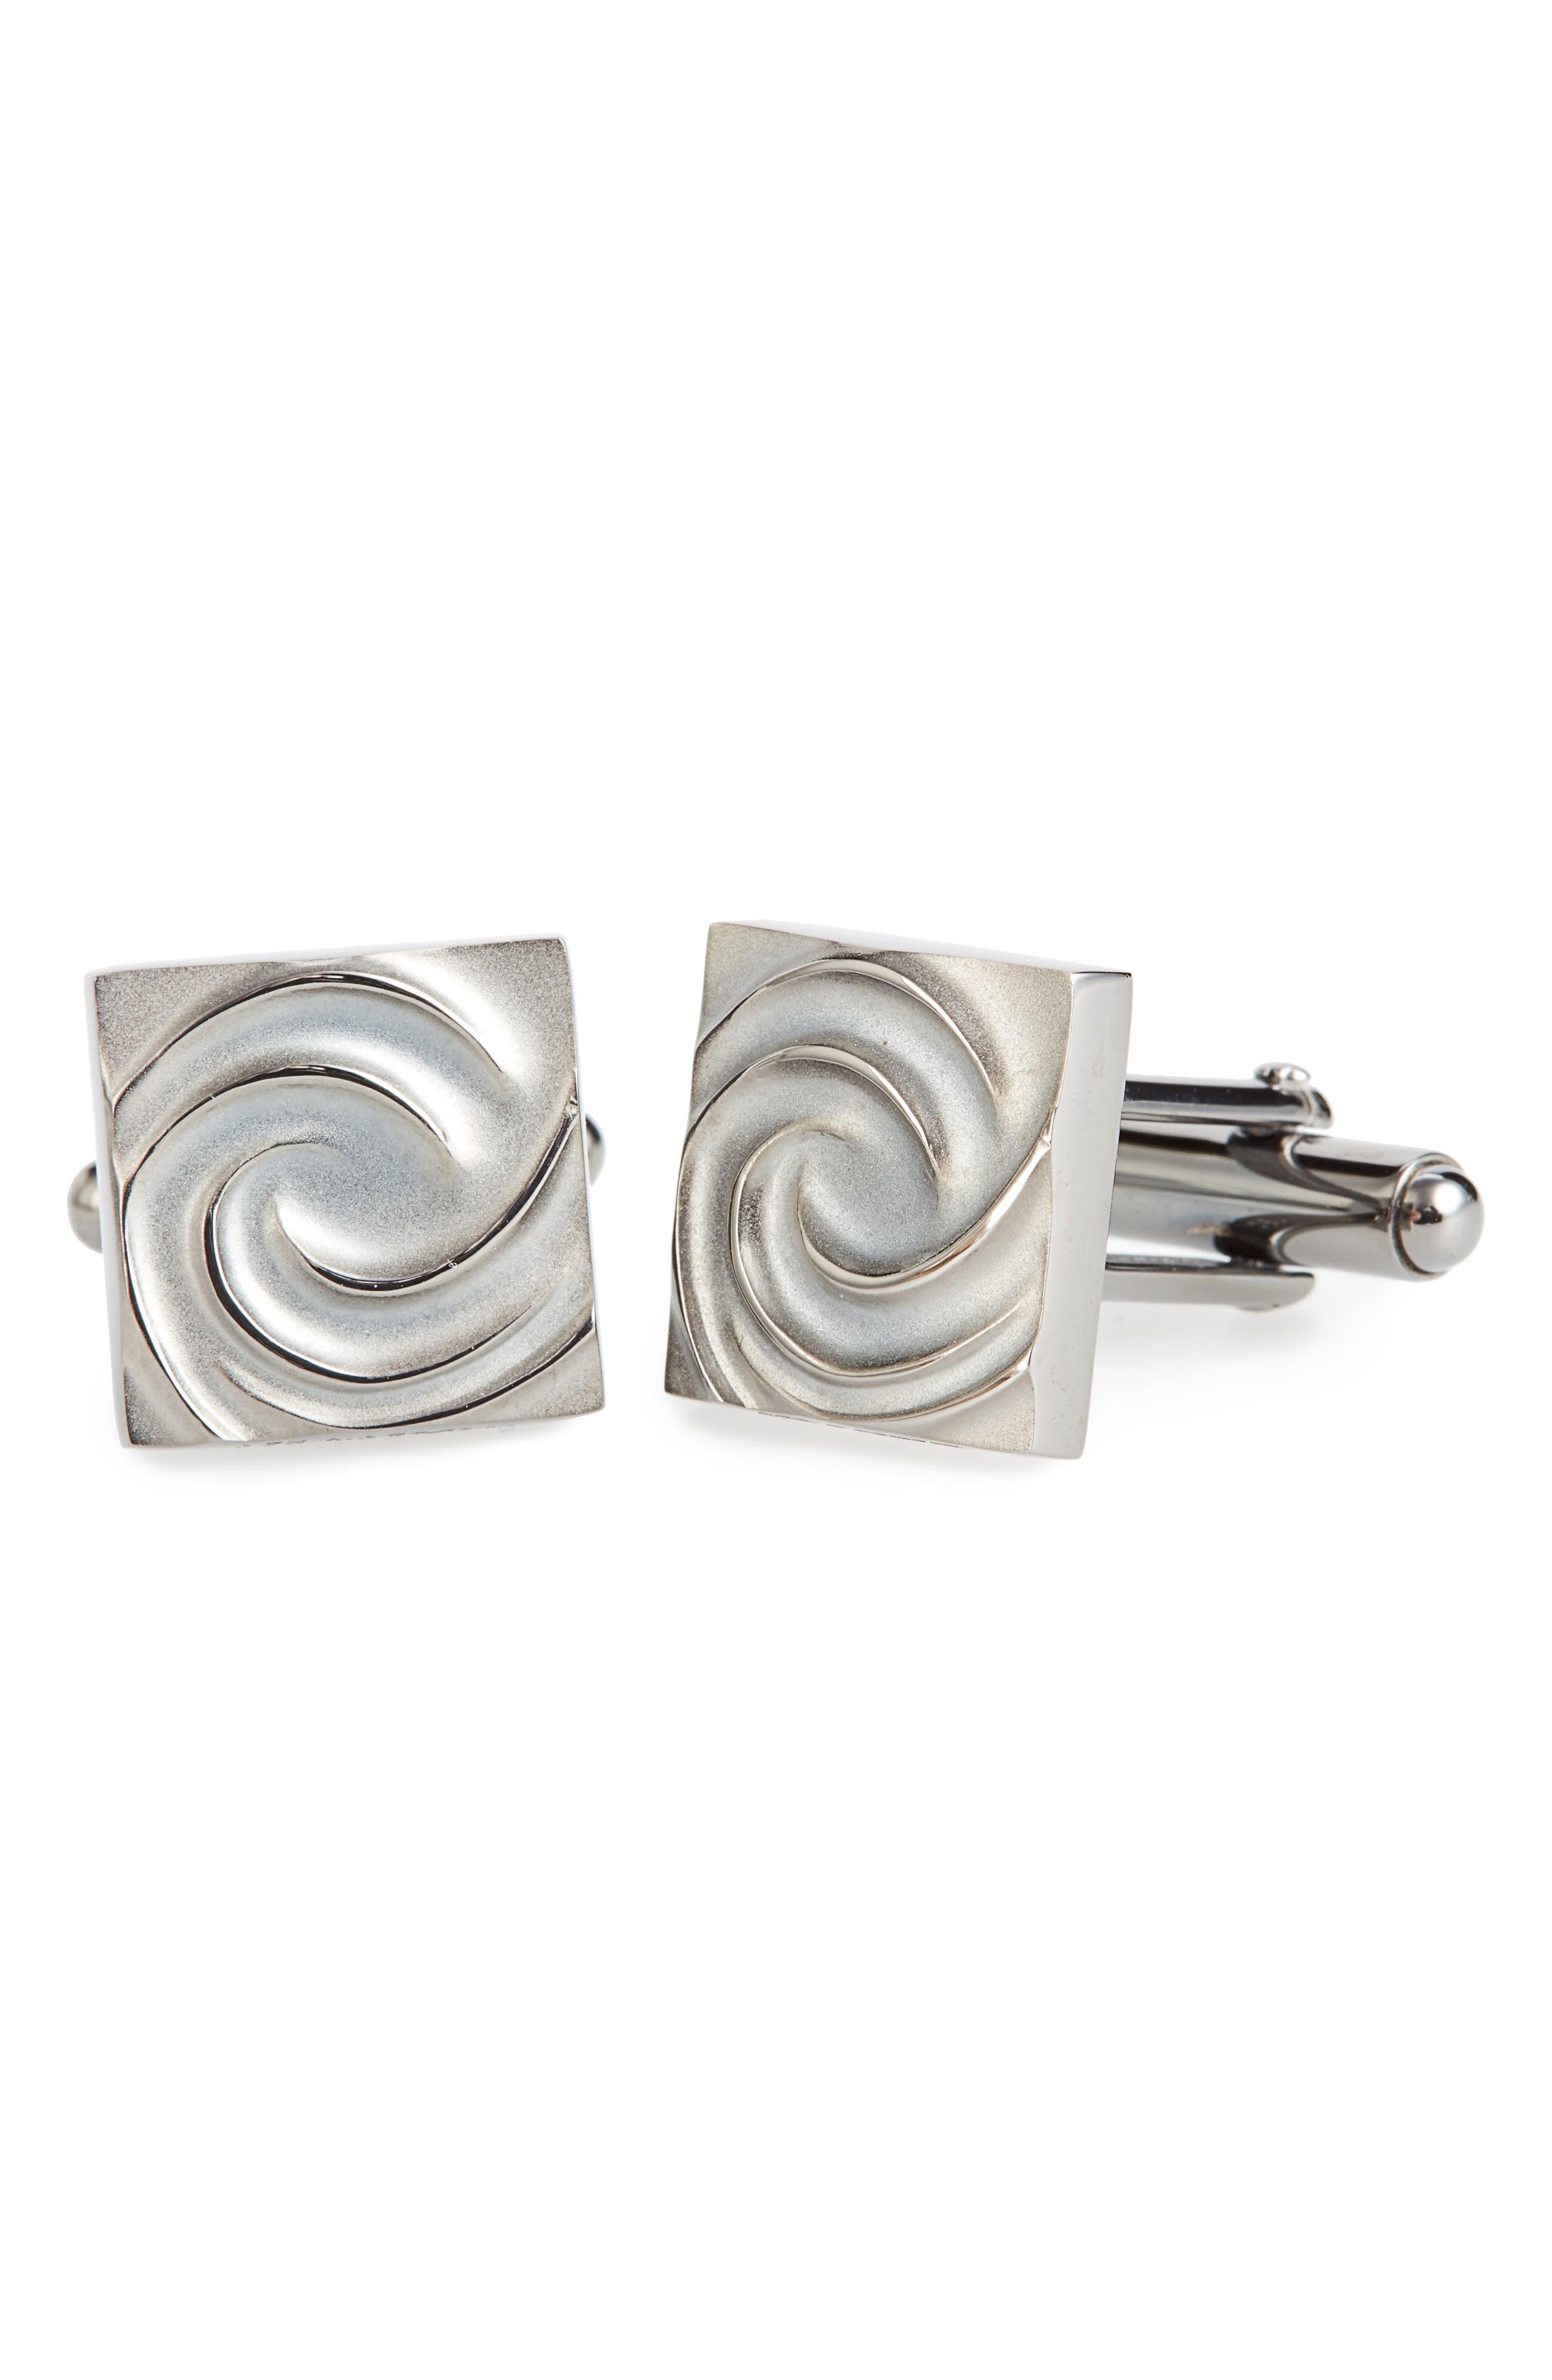 Swirl Square Cuff Links,                         Main,                         color, Silver